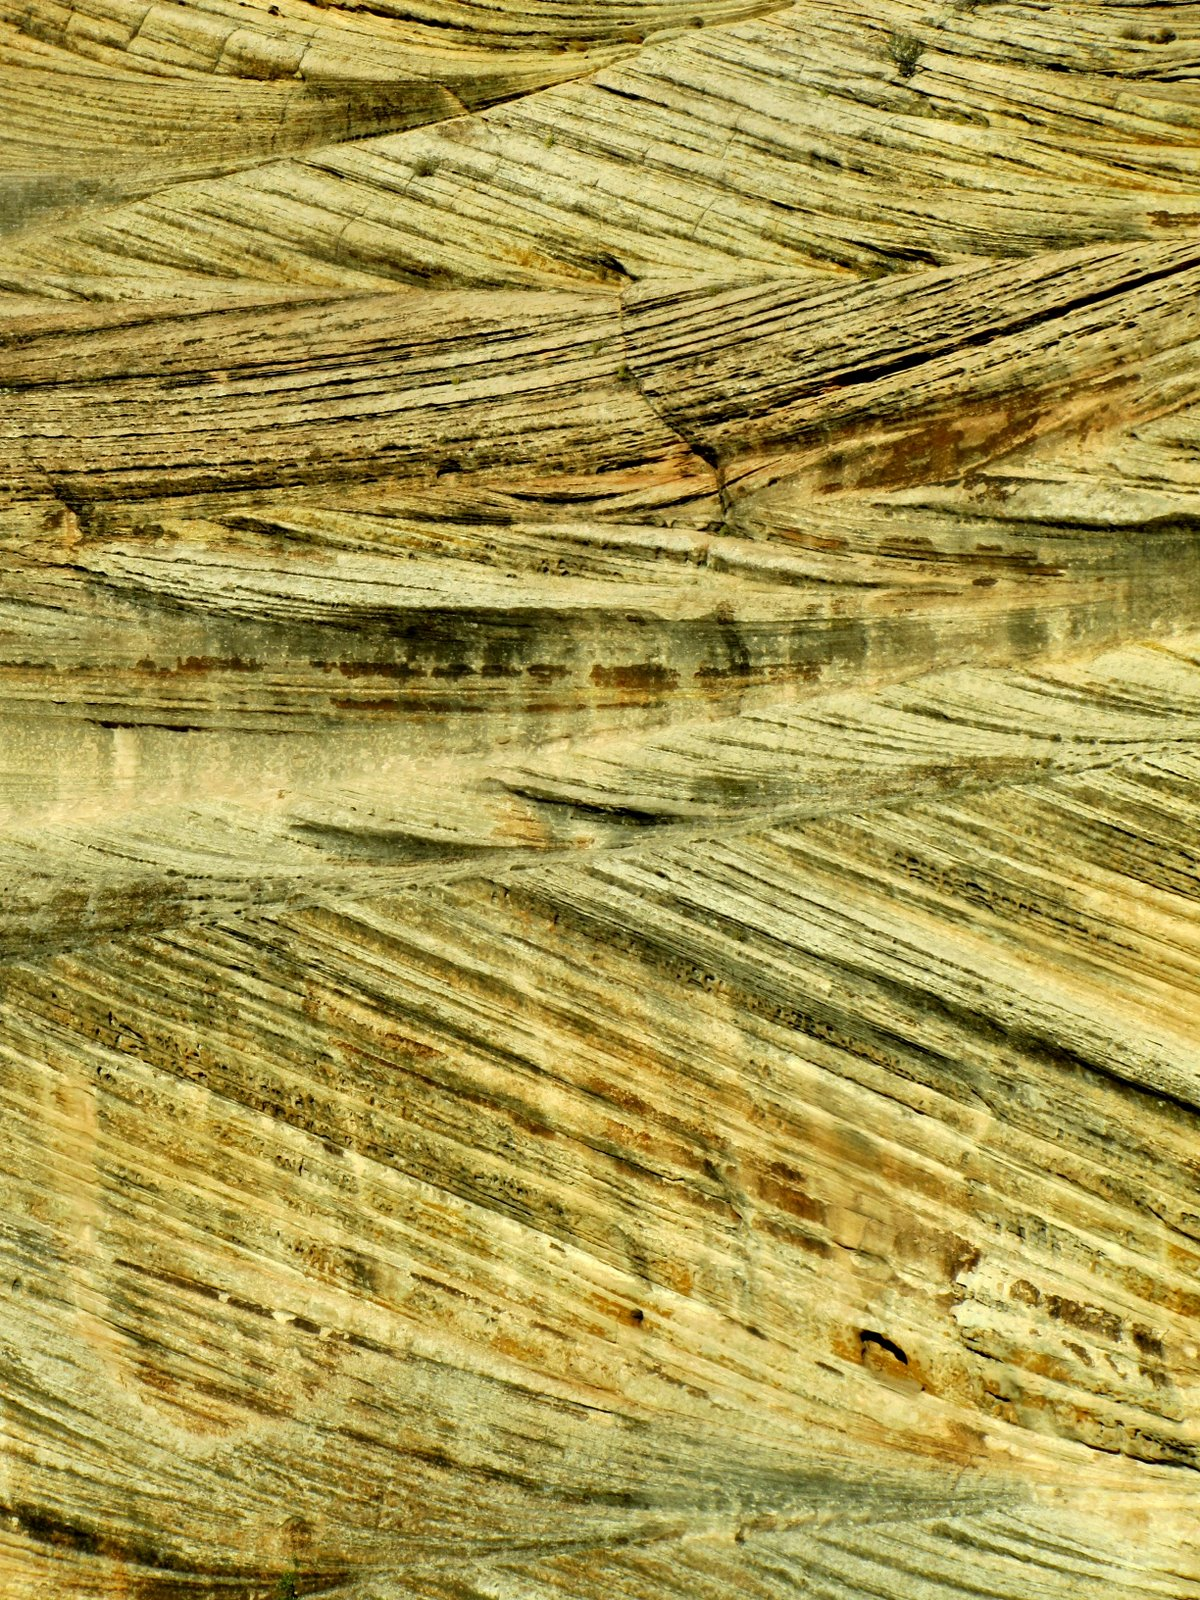 Mikroszkópikus felvétel a szikláról, de mégsem, ez legalább 10 m magas  Microscopic Closeup - No 🙂 It's more than 10 meters